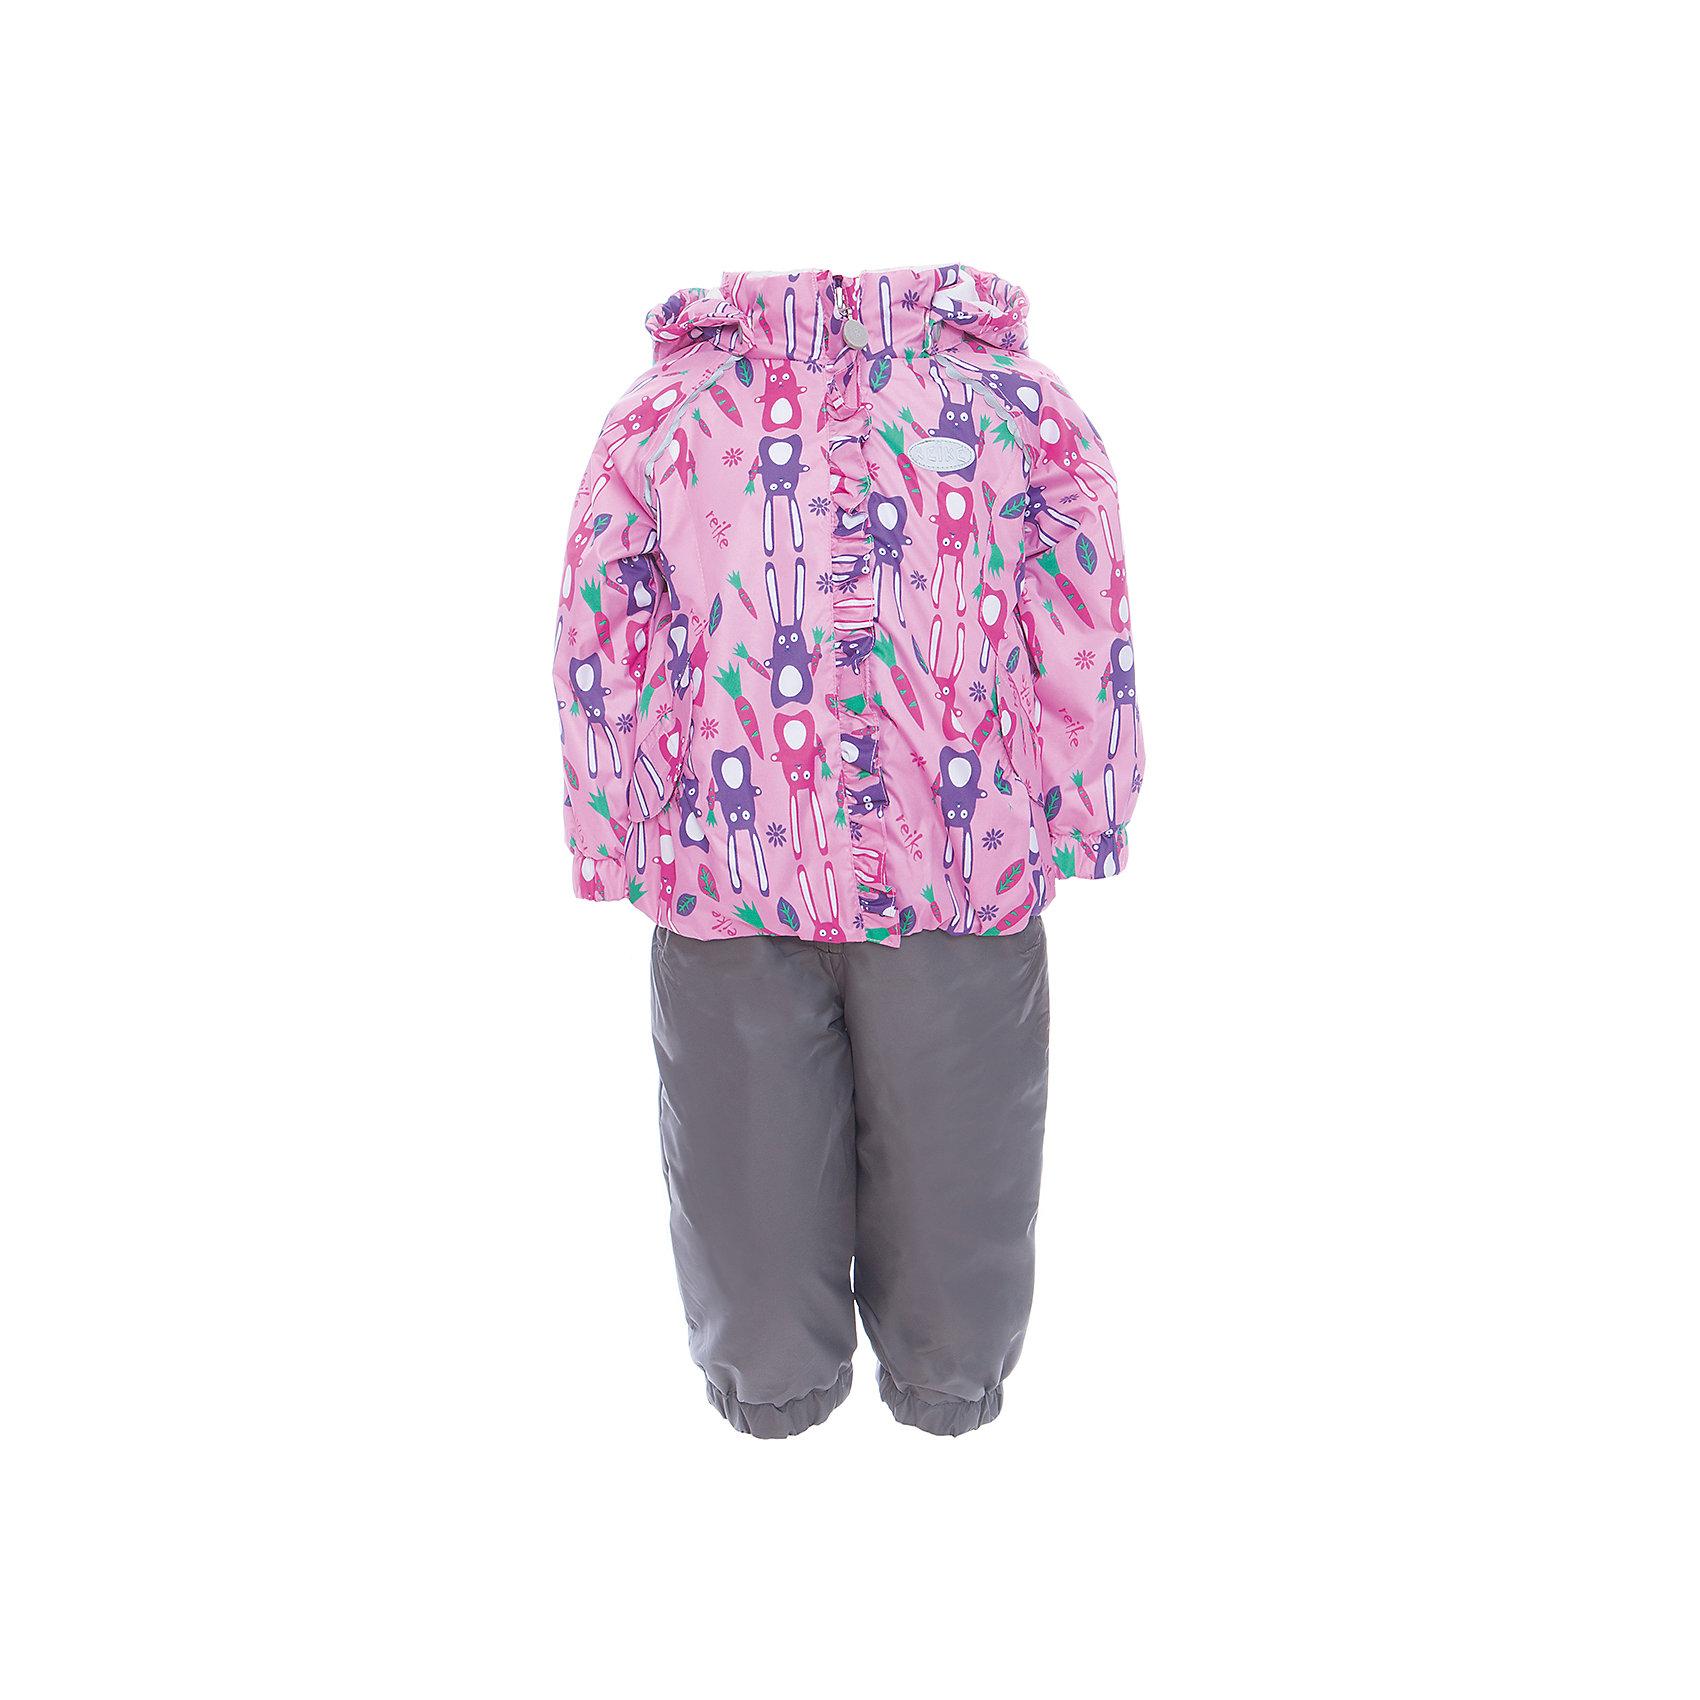 Комплект Reike для девочкиКомплект Reike для девочки<br>Комплект Reike Hares pink выполнен из ветрозащитной, водонепроницаемой и дышащей мембранной ткани, декорированной принтом с забавными зайчиками, подкладка - 100% хлопок с велюровыми вставками на воротнике и манжетах. Куртка дополнена съемным капюшоном, двумя карманами на липучках, а также многочисленными светоотражающими элементами. Ветрозащитная планка в виде рюши со светоотражающей полоской вдоль молнии не допускает проникновения холодного воздуха. Эластичная талия полукомбинезона и регулируемые подтяжки гарантируют посадку по фигуре, длинная молния впереди облегчает процесс одевания. Полукомбинезон оснащен боковым карманом на молнии и съемными штрипками. Утеплитель в куртке 60 г, полукомбинезон без утепления. Базовый уровень. Коэффициент воздухопроницаемости комплекта 2000гр/м2/24 ч. Водоотталкивающее покрытие: 2000 мм. Состав: 100% полиэстер, подкладка: 100% хлопок.<br>Состав:<br>100% ПЭ  утеплитель: 100% ПЭ  подкладка: 100% хлопок<br><br>Ширина мм: 215<br>Глубина мм: 88<br>Высота мм: 191<br>Вес г: 336<br>Цвет: розовый<br>Возраст от месяцев: 24<br>Возраст до месяцев: 36<br>Пол: Женский<br>Возраст: Детский<br>Размер: 98,80,86,92<br>SKU: 5429954